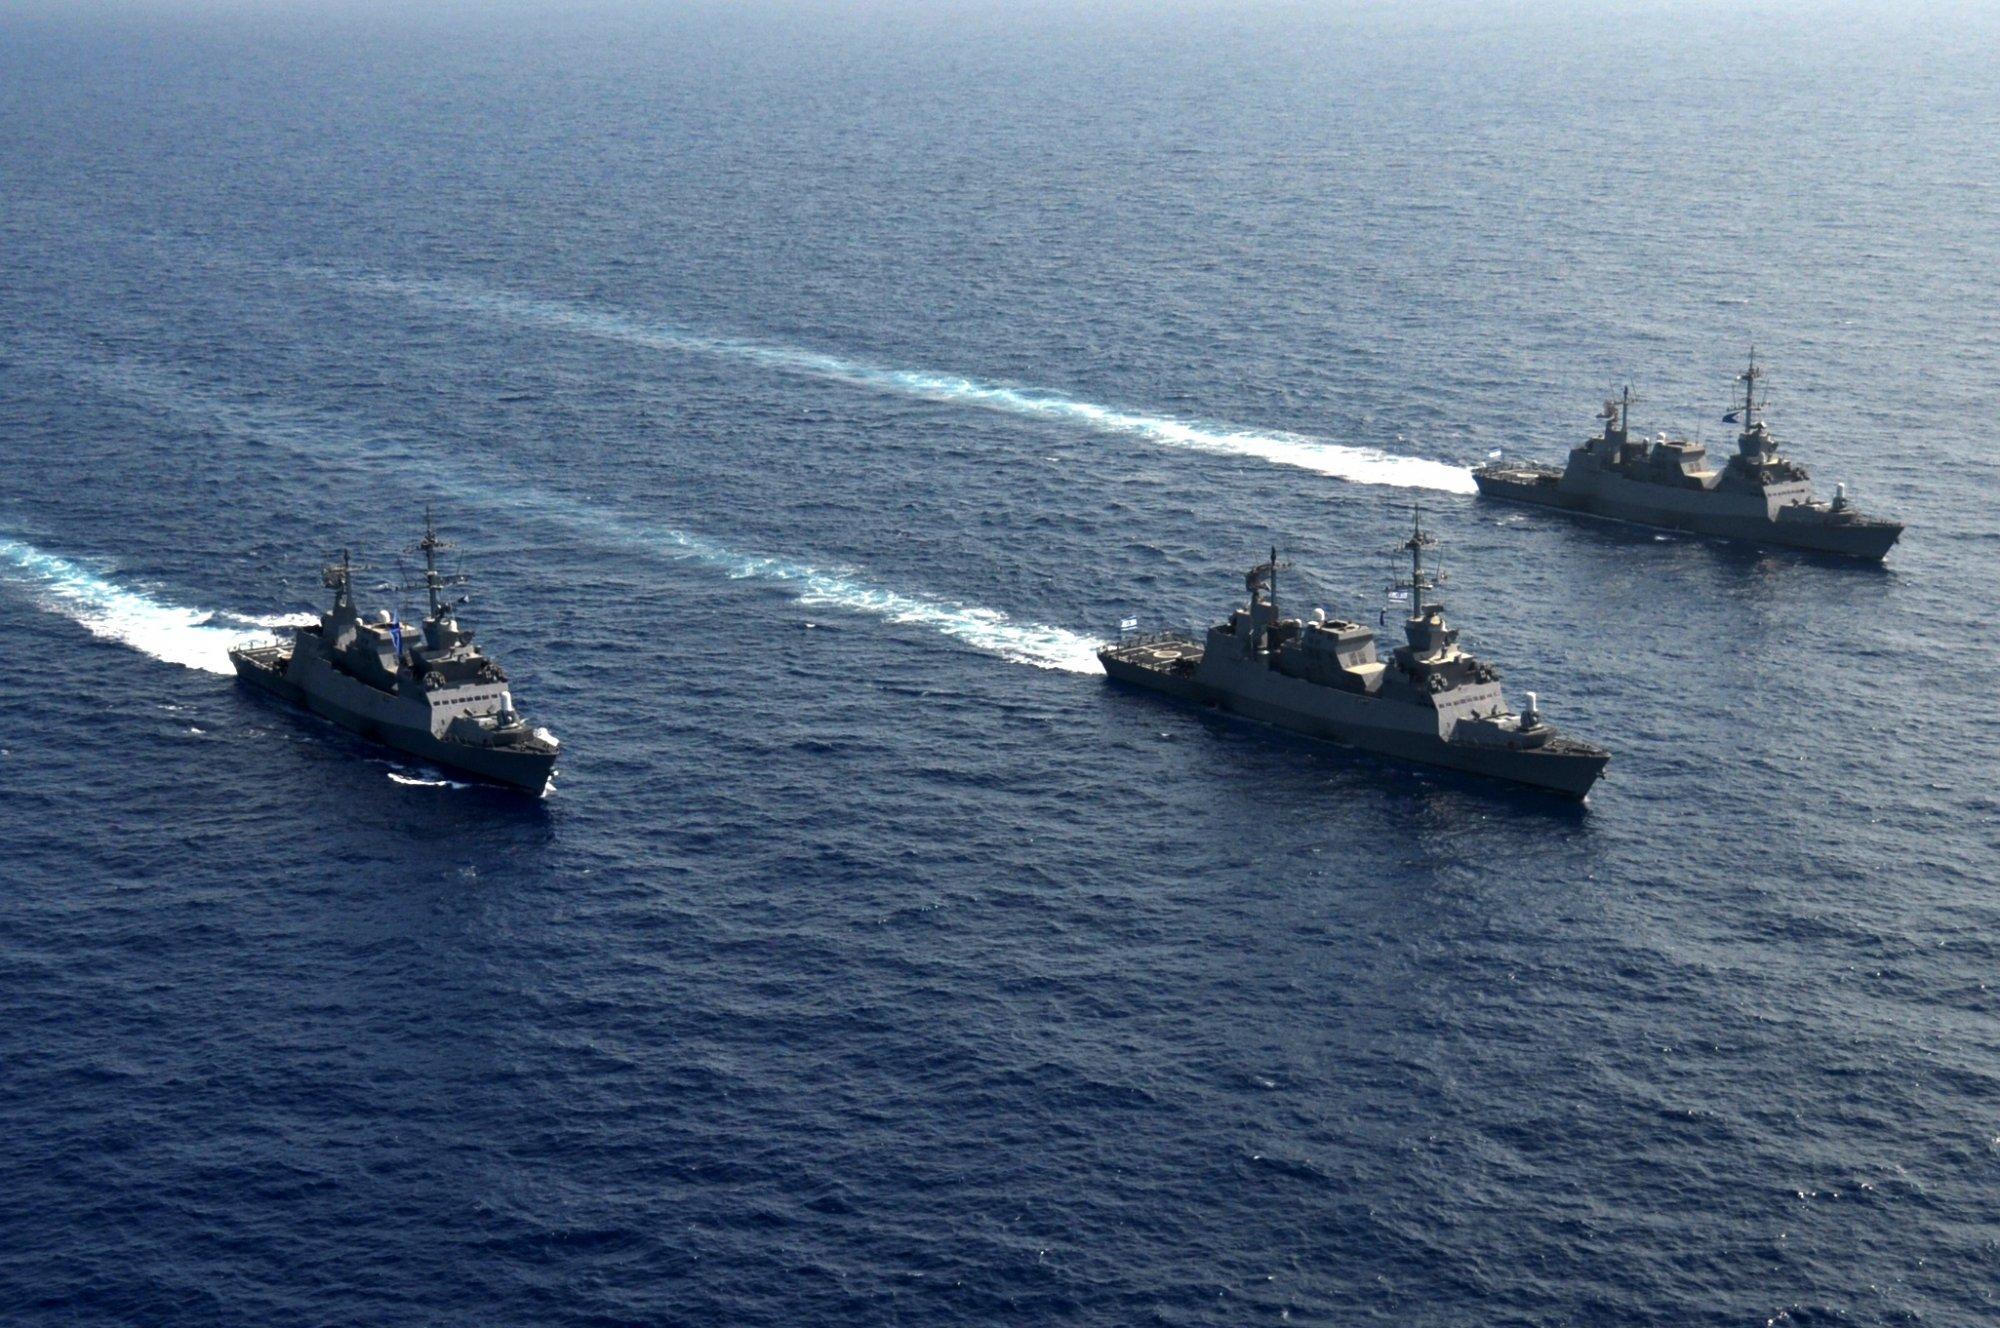 Корветы «Саар-6» израильского ВМФ